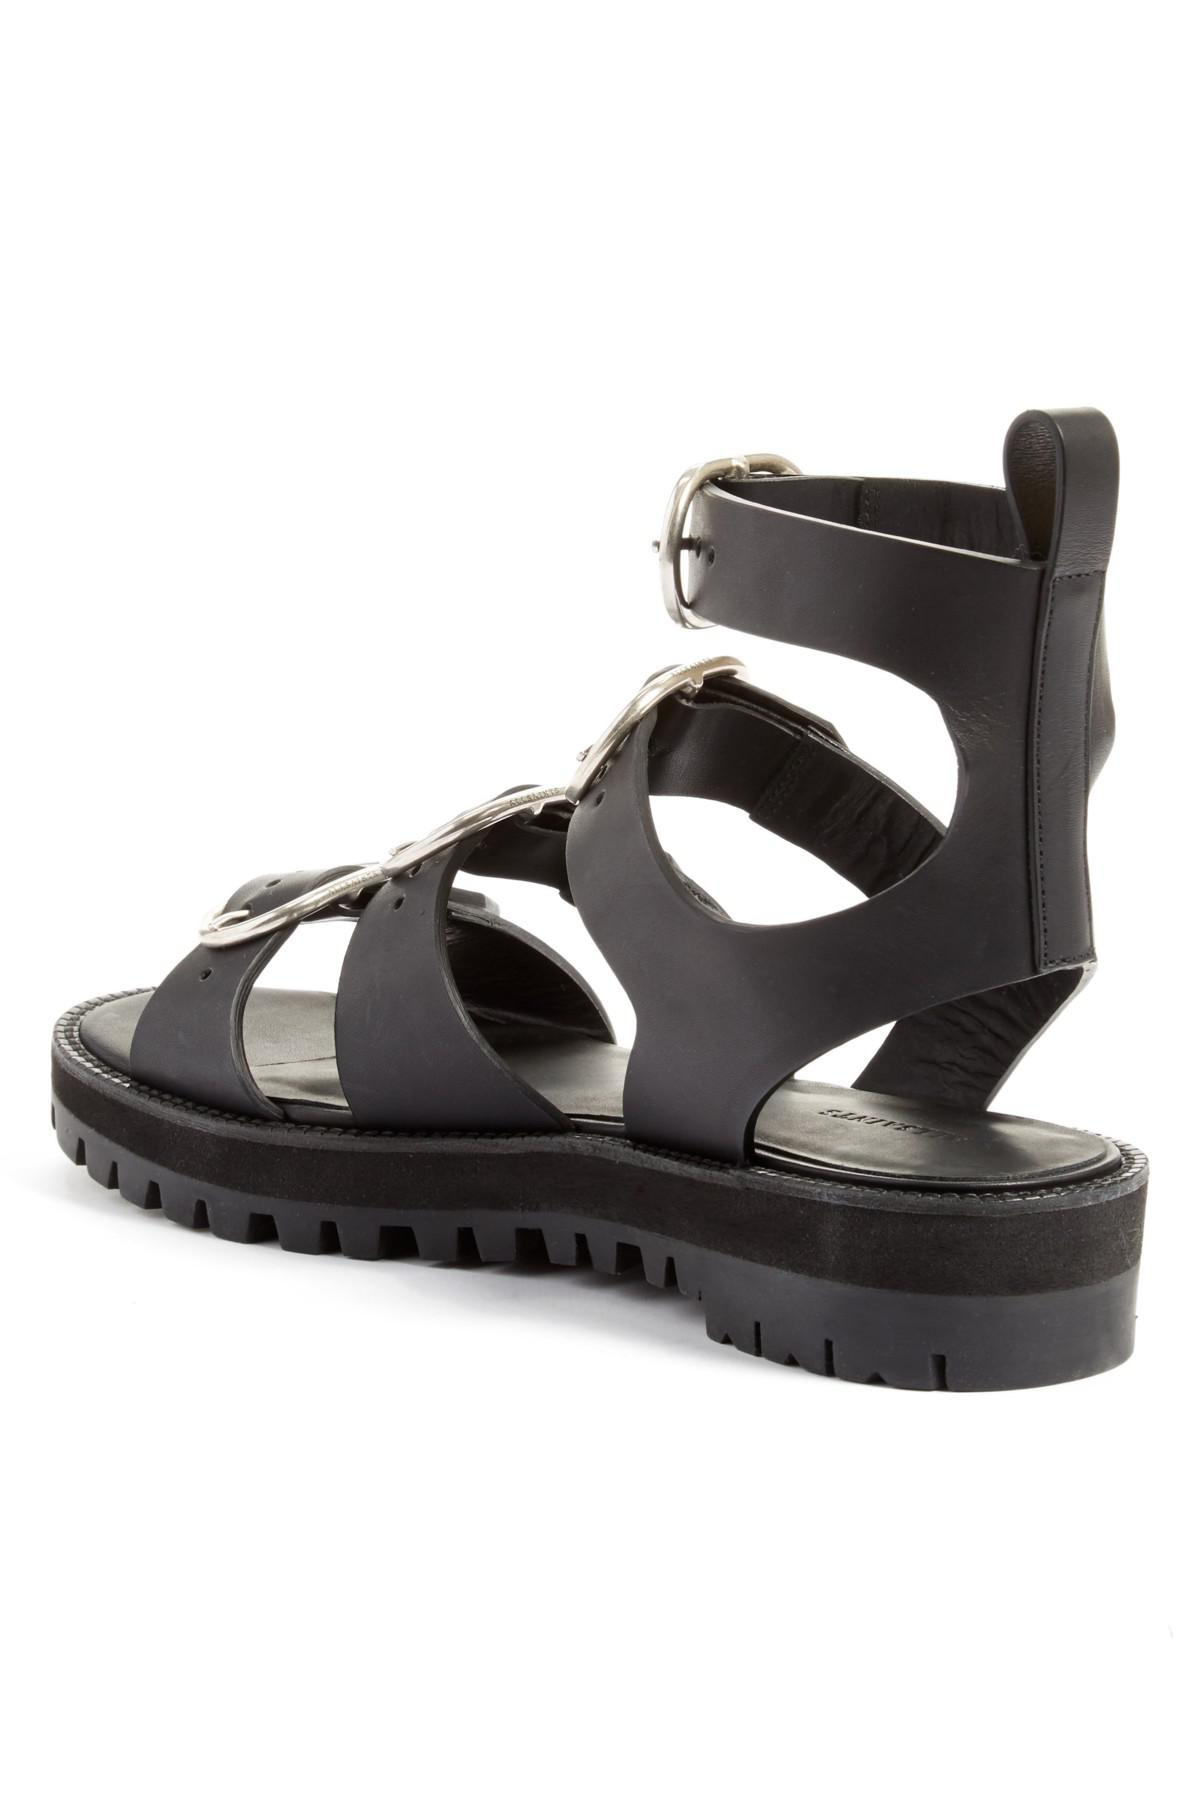 8d7171c0a20 Lyst - AllSaints Raquel Platform Sandal in Black